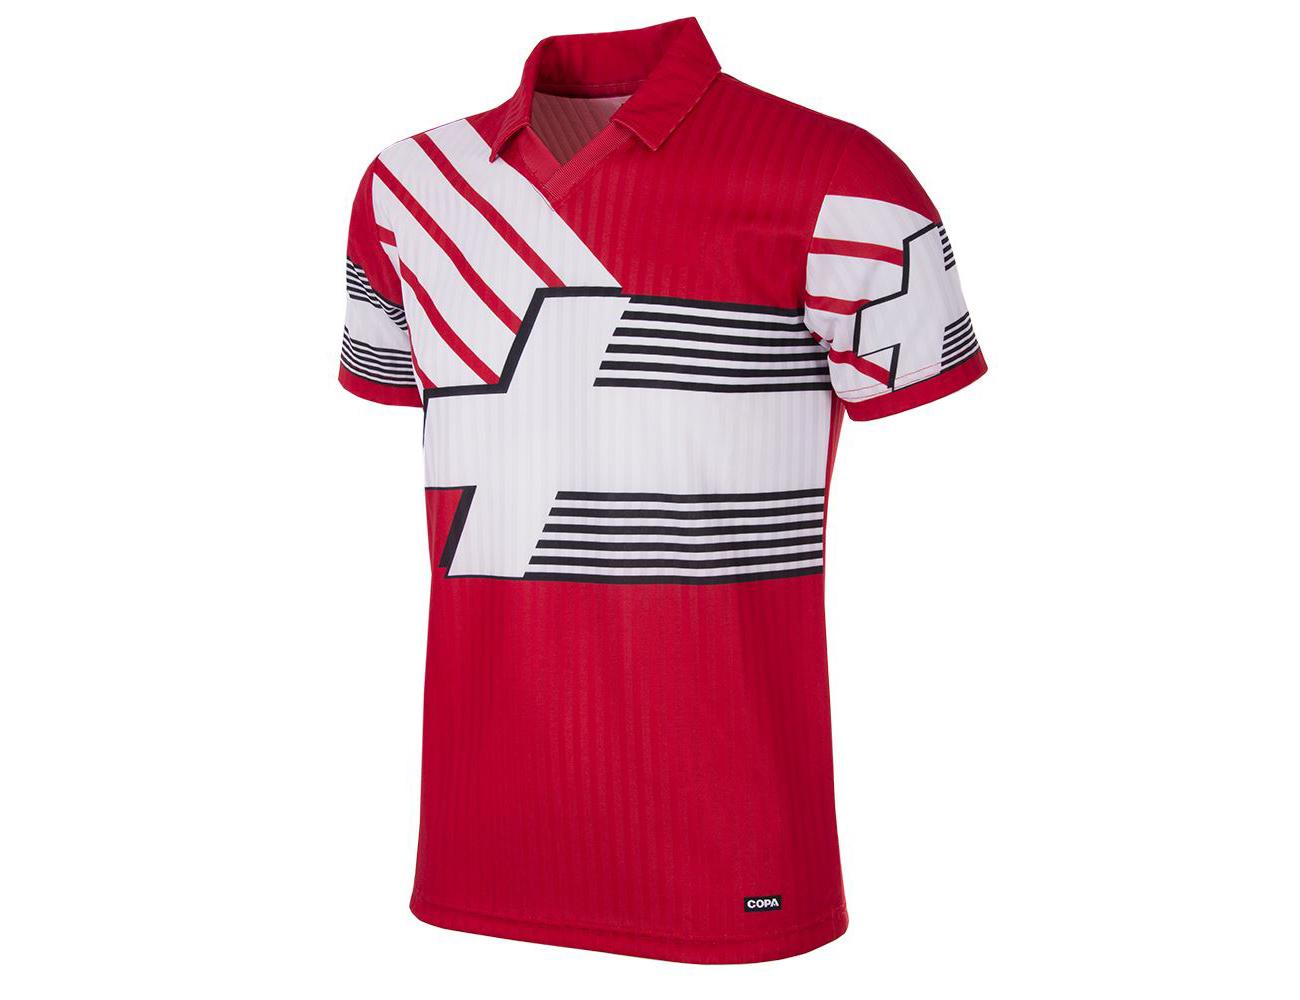 Switzerland-1990-92-Short-Sleeve-Retro-Football-Shirt-4076